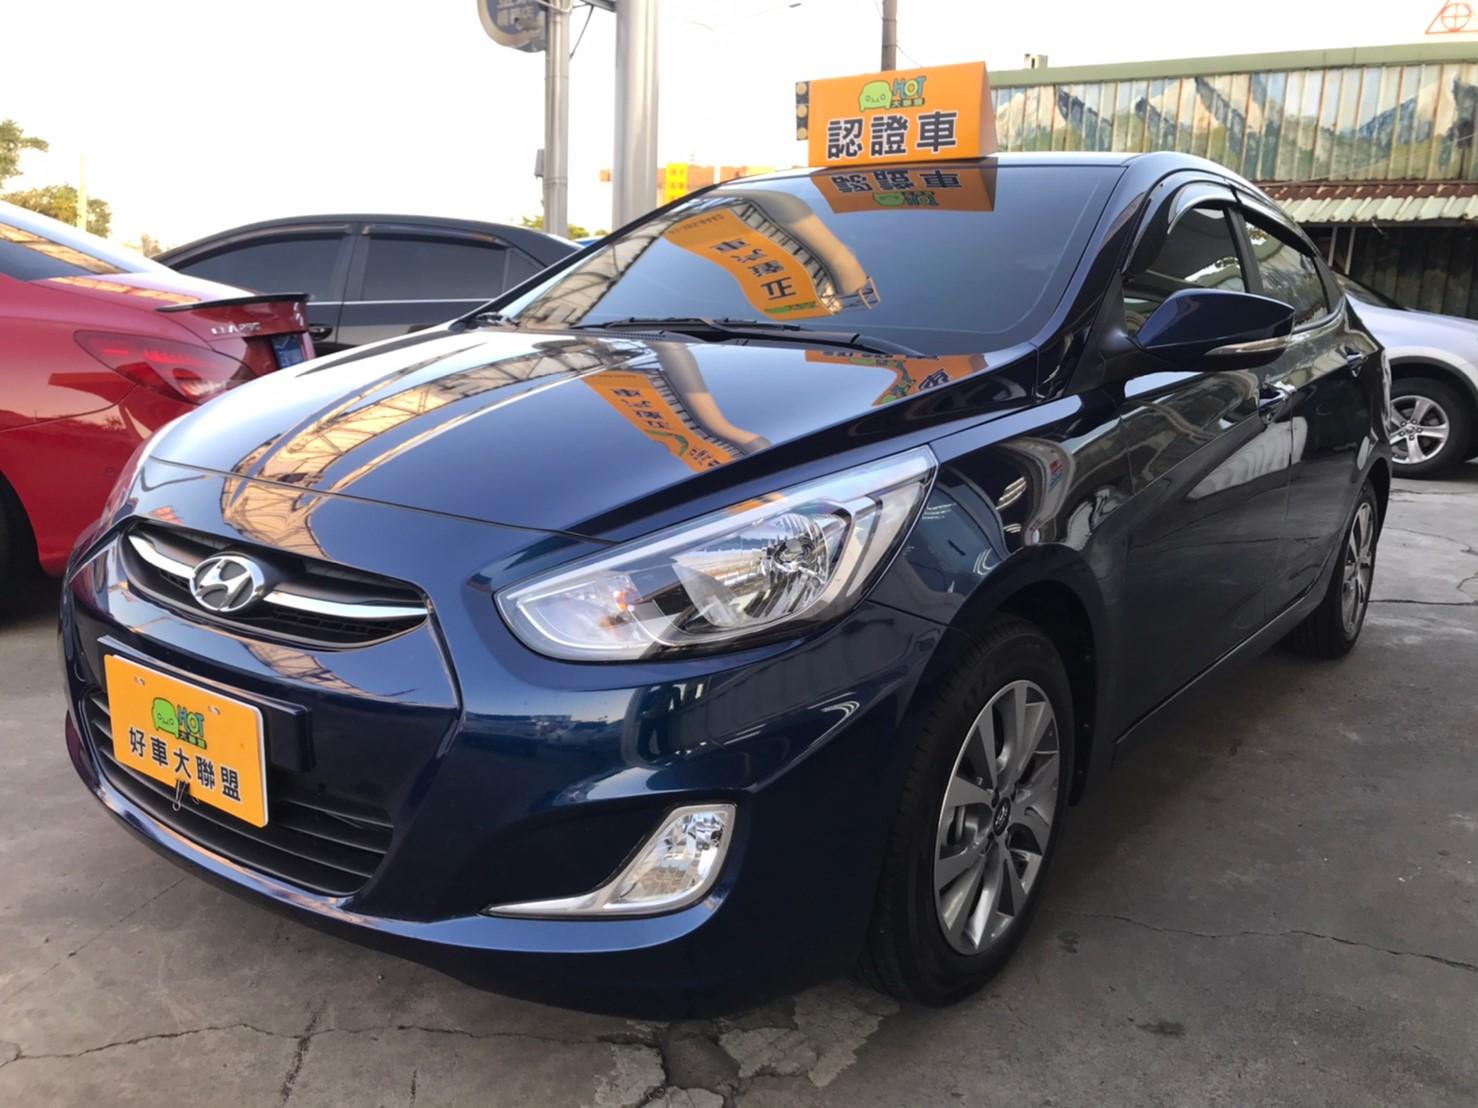 2016 Hyundai 現代 Verna